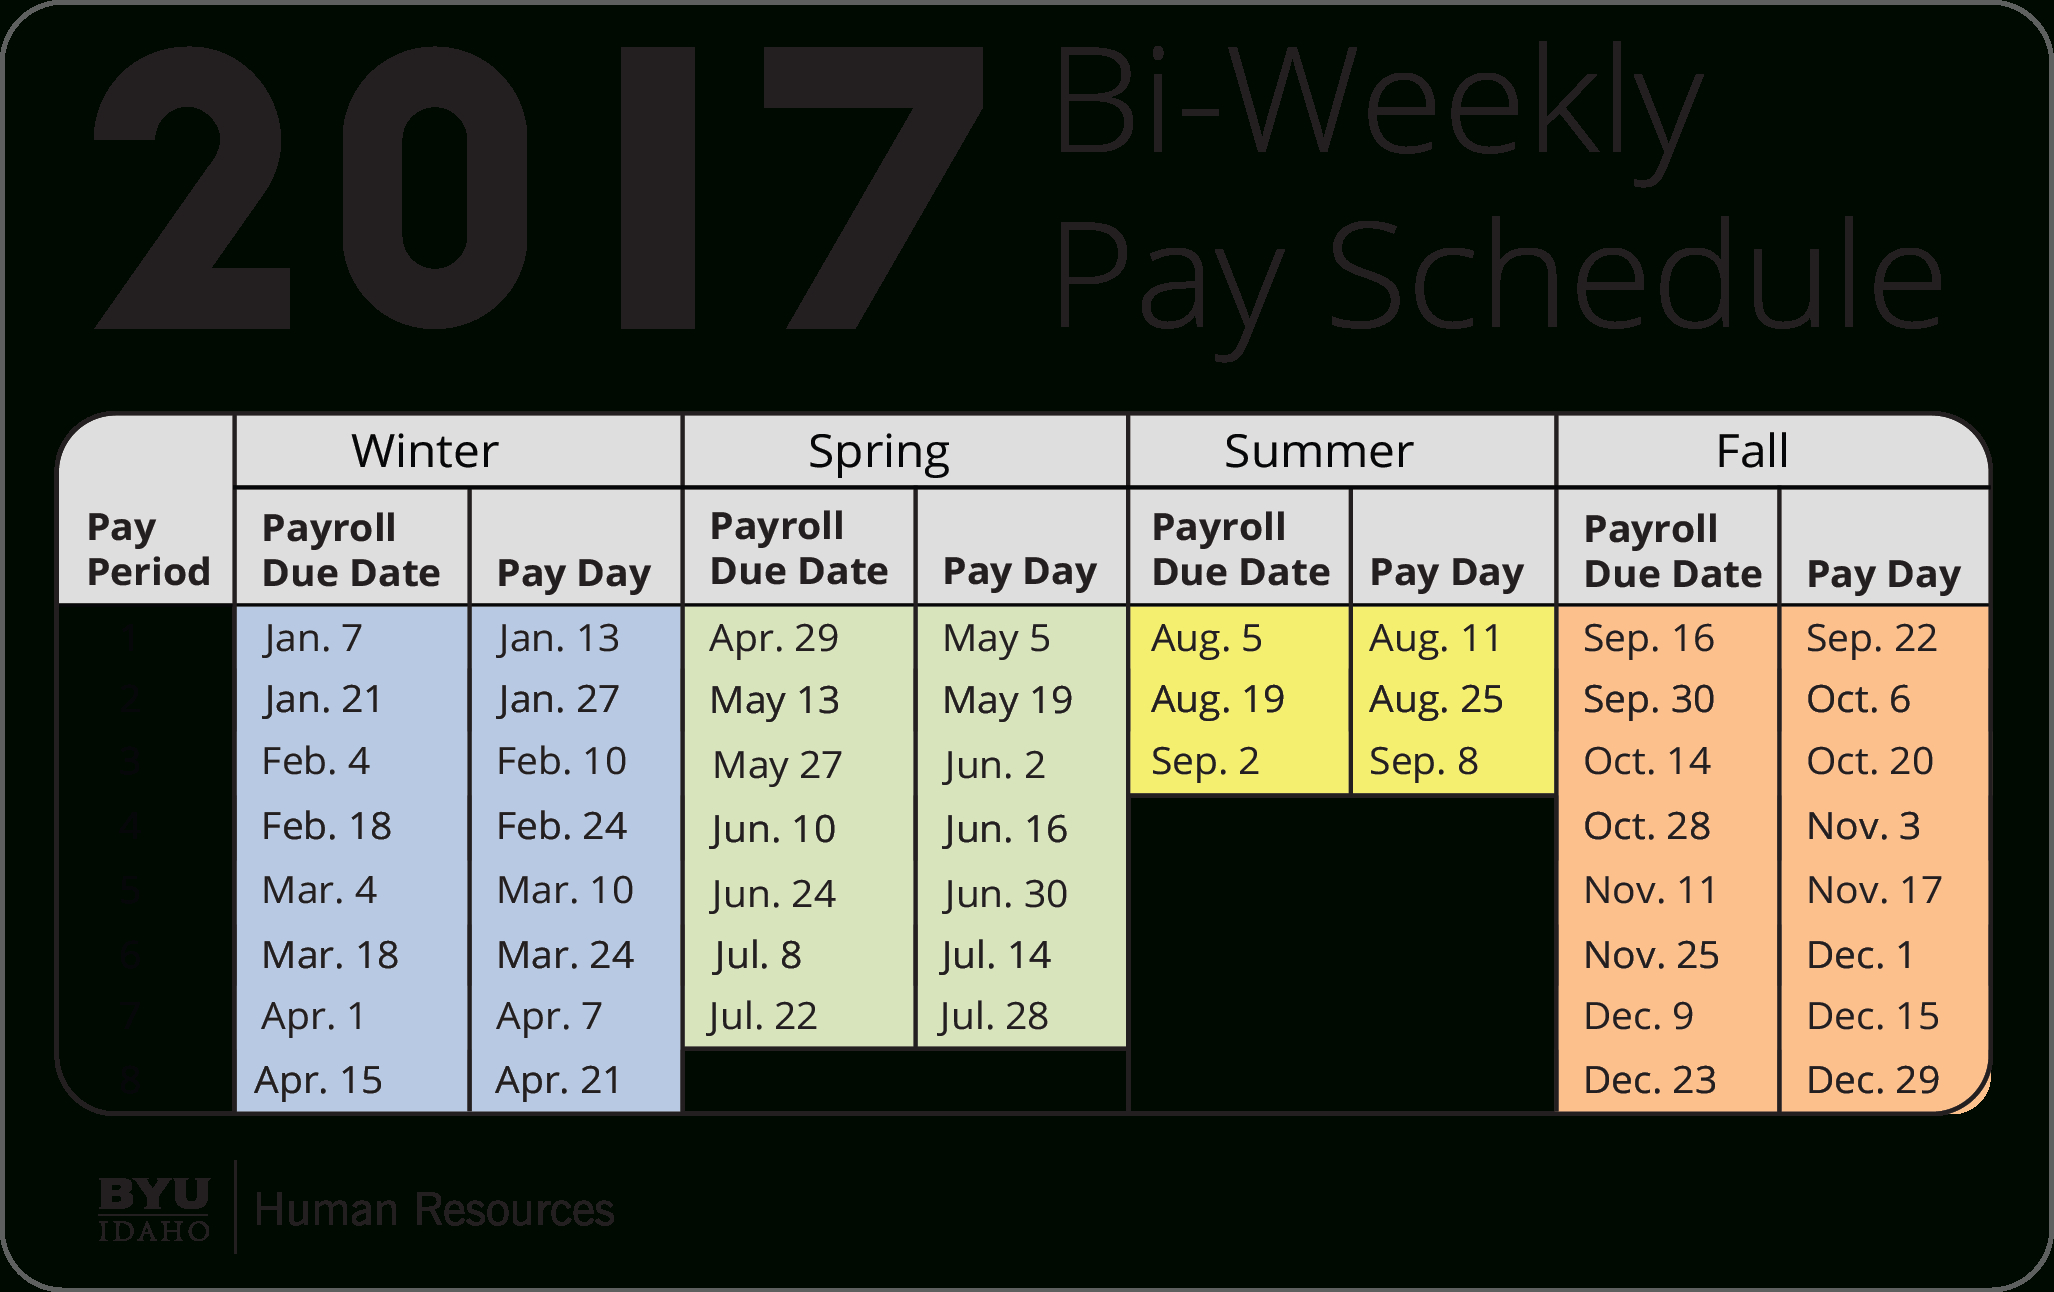 Payroll Calendar 2021 | Payroll Calendar 2020